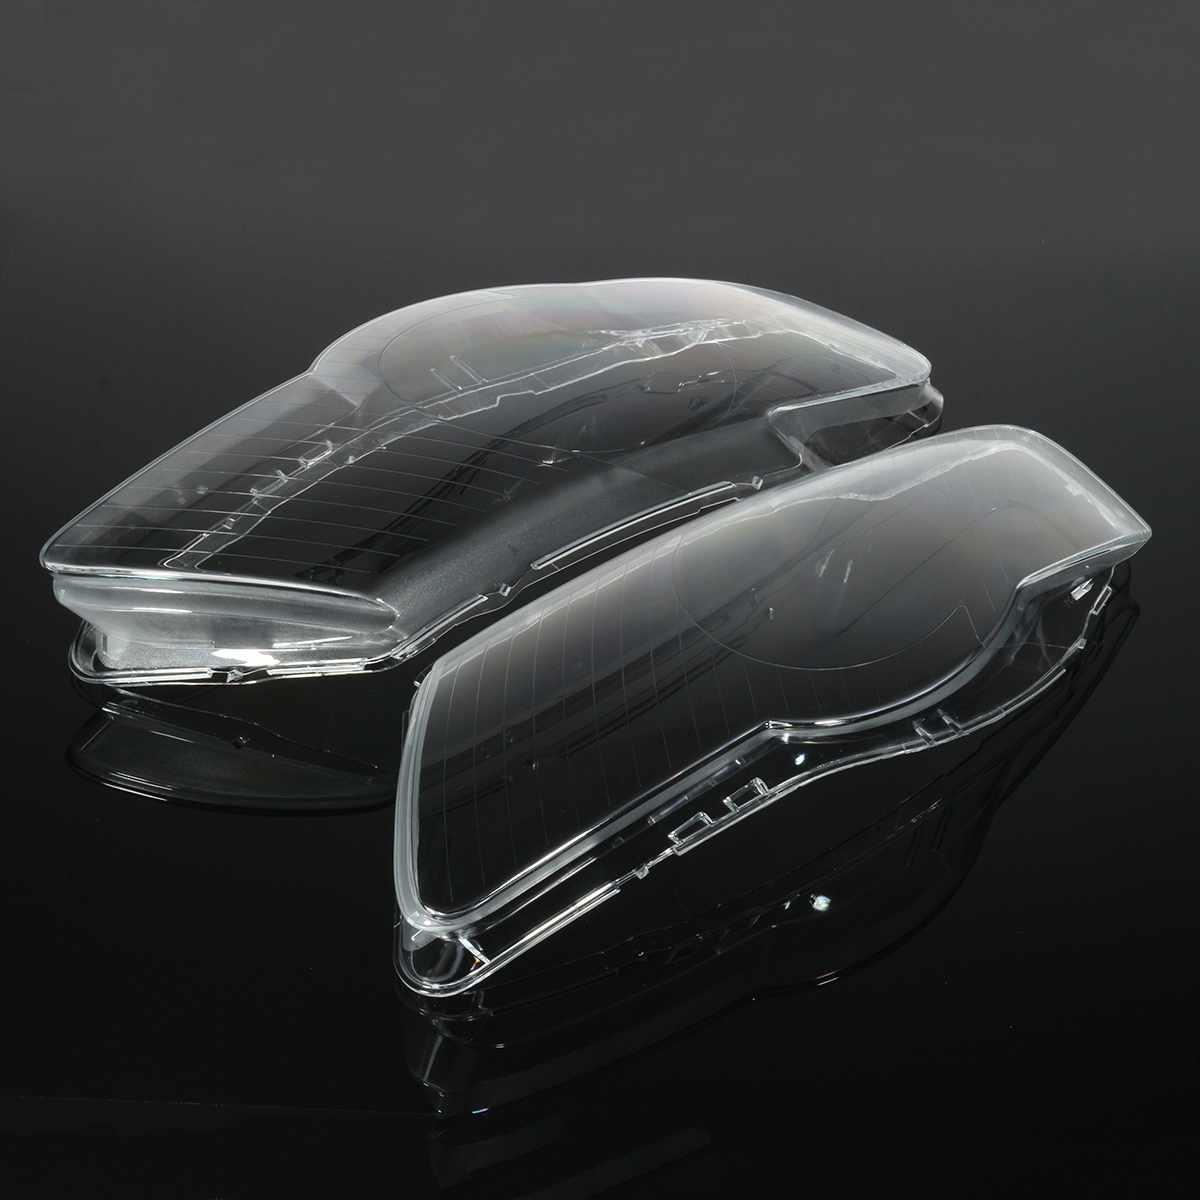 1 זוג רכב פנס פנס עמיד למים בהיר ברור כיסוי עדשת ברדסים עבור פולקסווגן עבור פולקסווגן פאסאט Magotan B6 R36